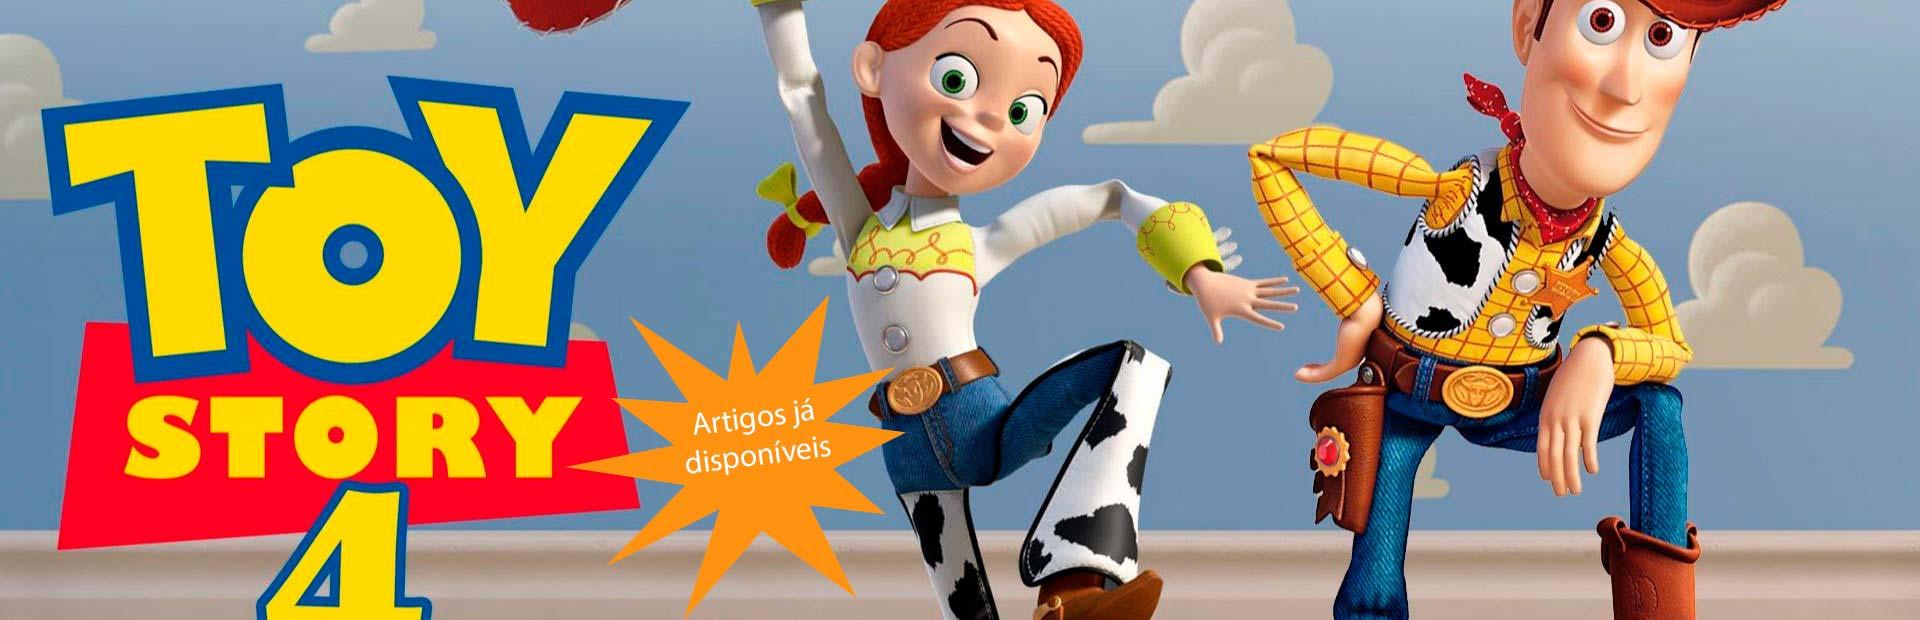 Festa Toy Story 4